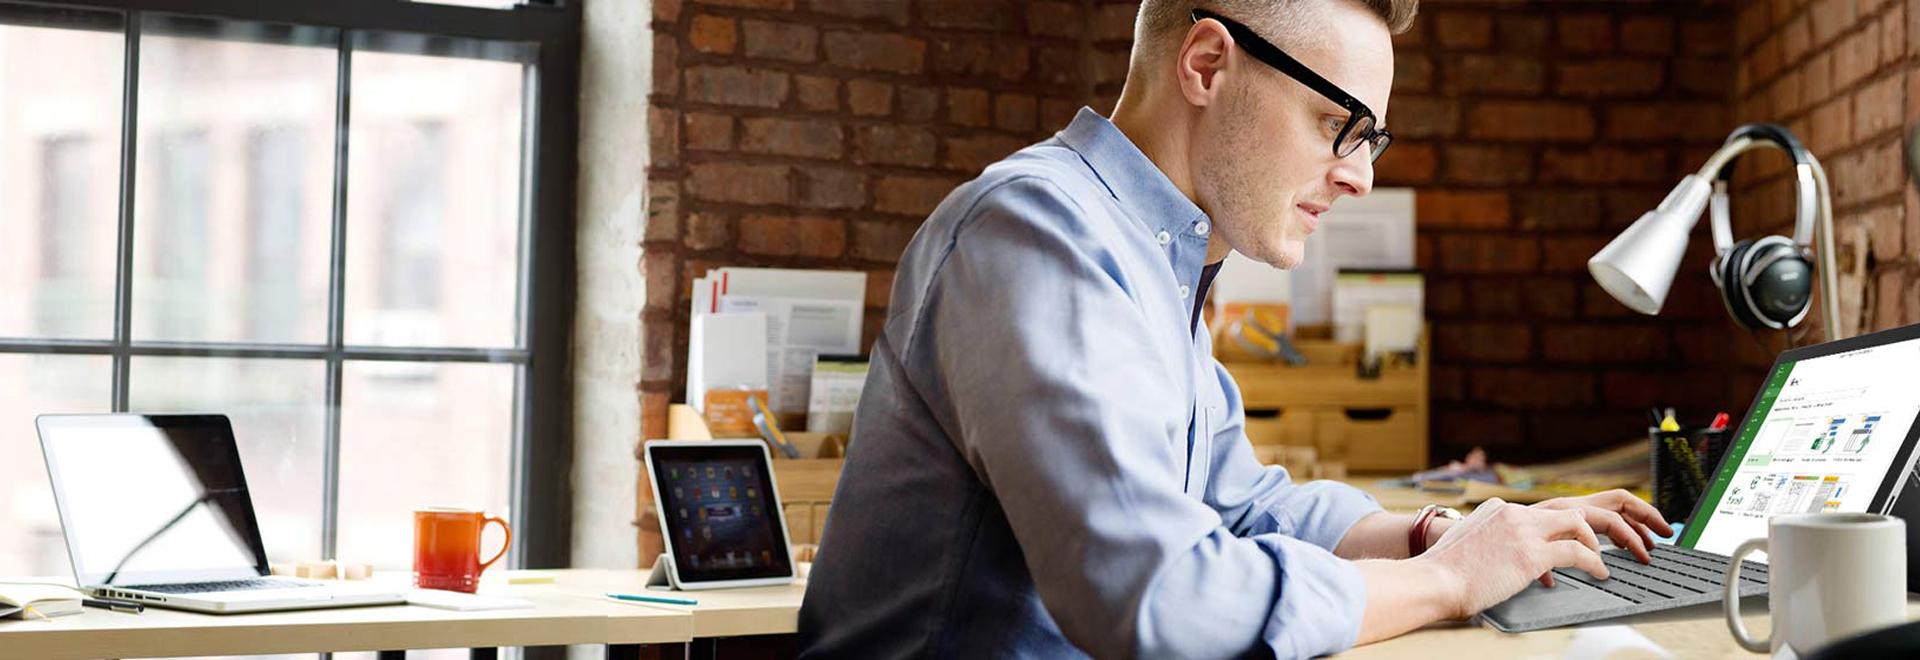 Mees istub kontorilaua taga ja töötab Surface'i tahvelarvutiga Microsoft Projecti rakenduses.